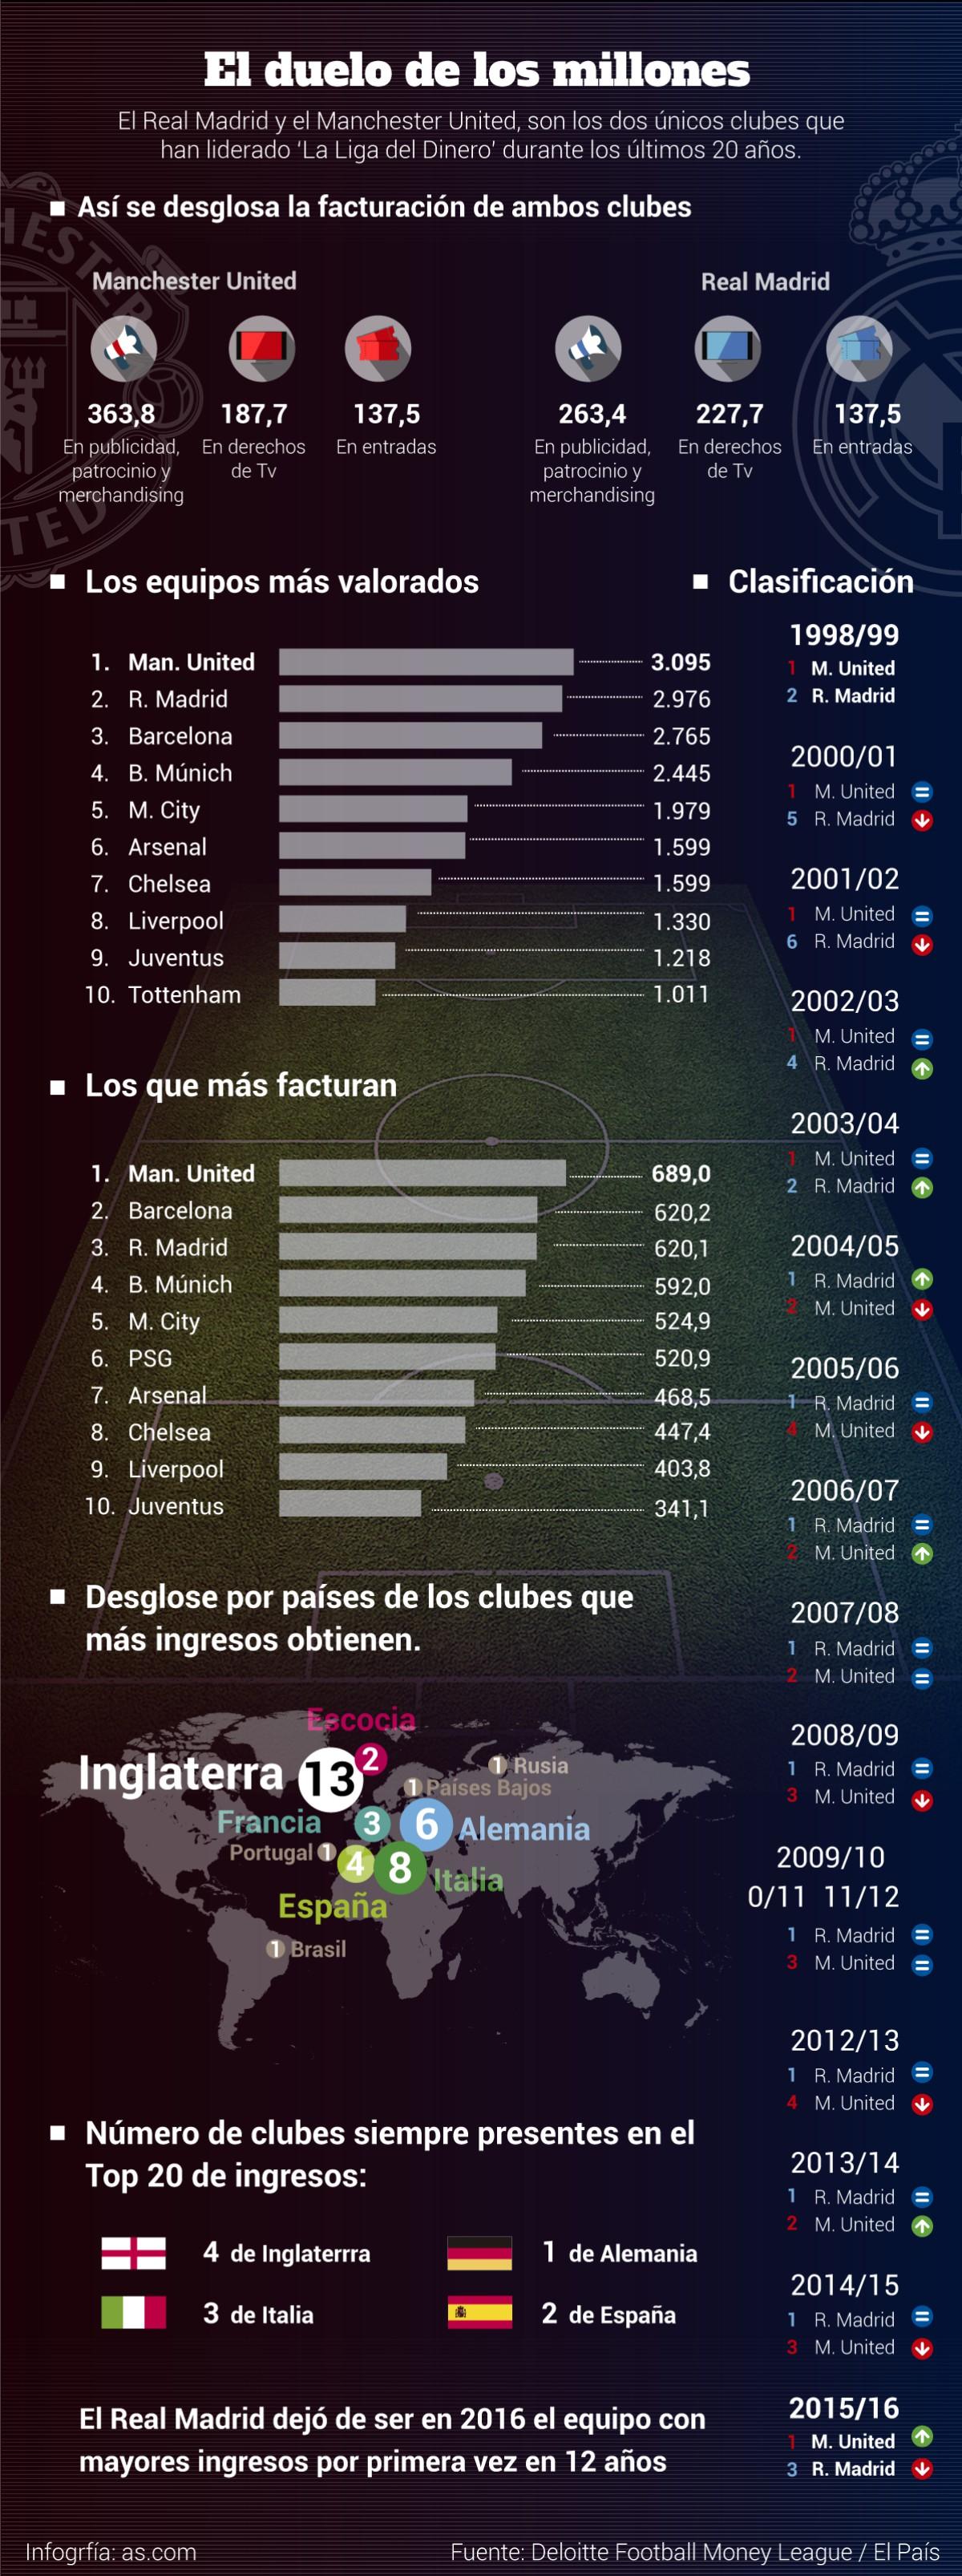 Duelo millonario: lo que ingresan el Madrid y el Manchester United